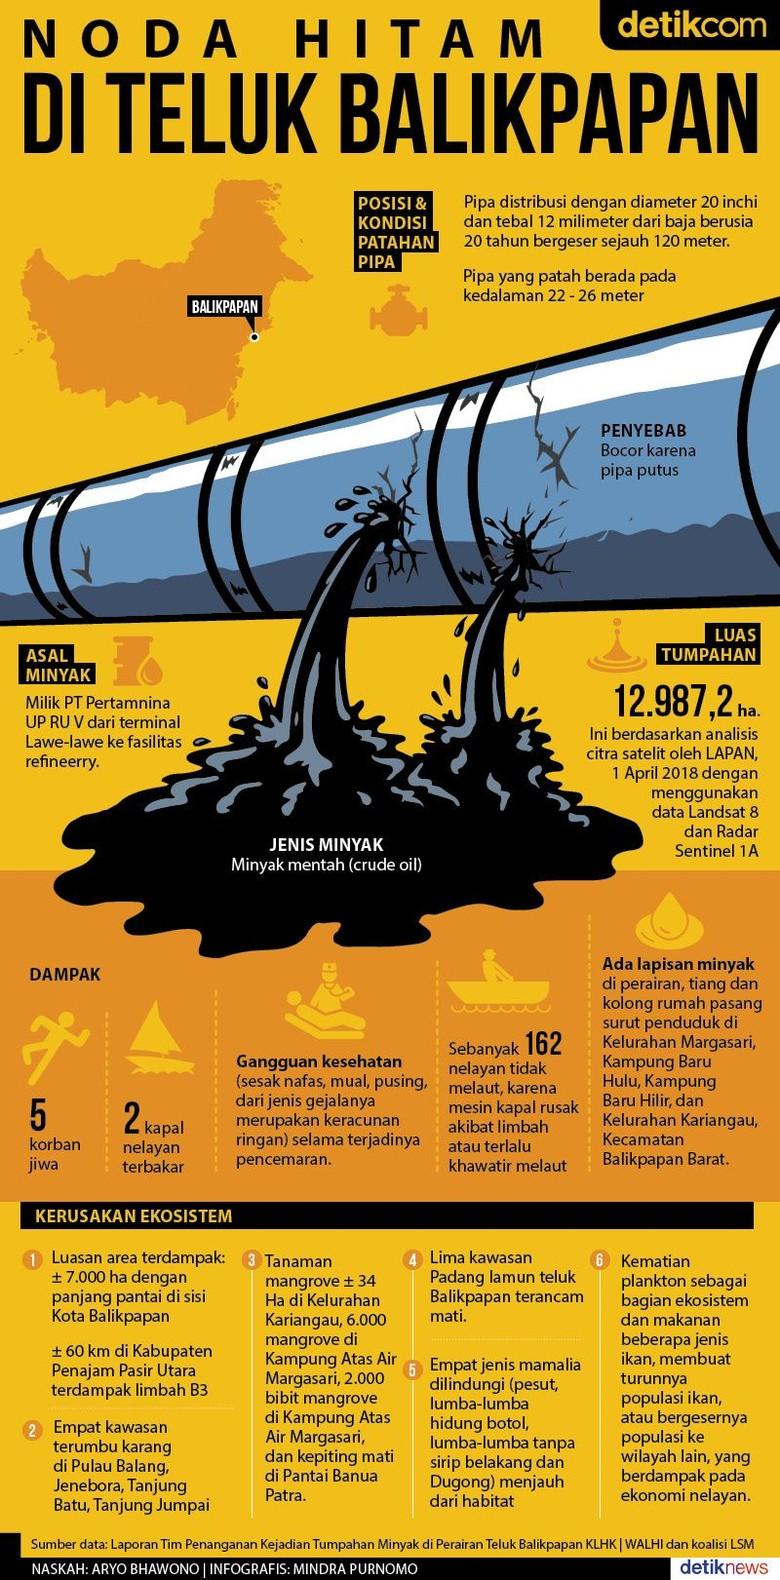 Teluk Balikpapan Tercemar Tumpahan Minyak Mentah Pertamina